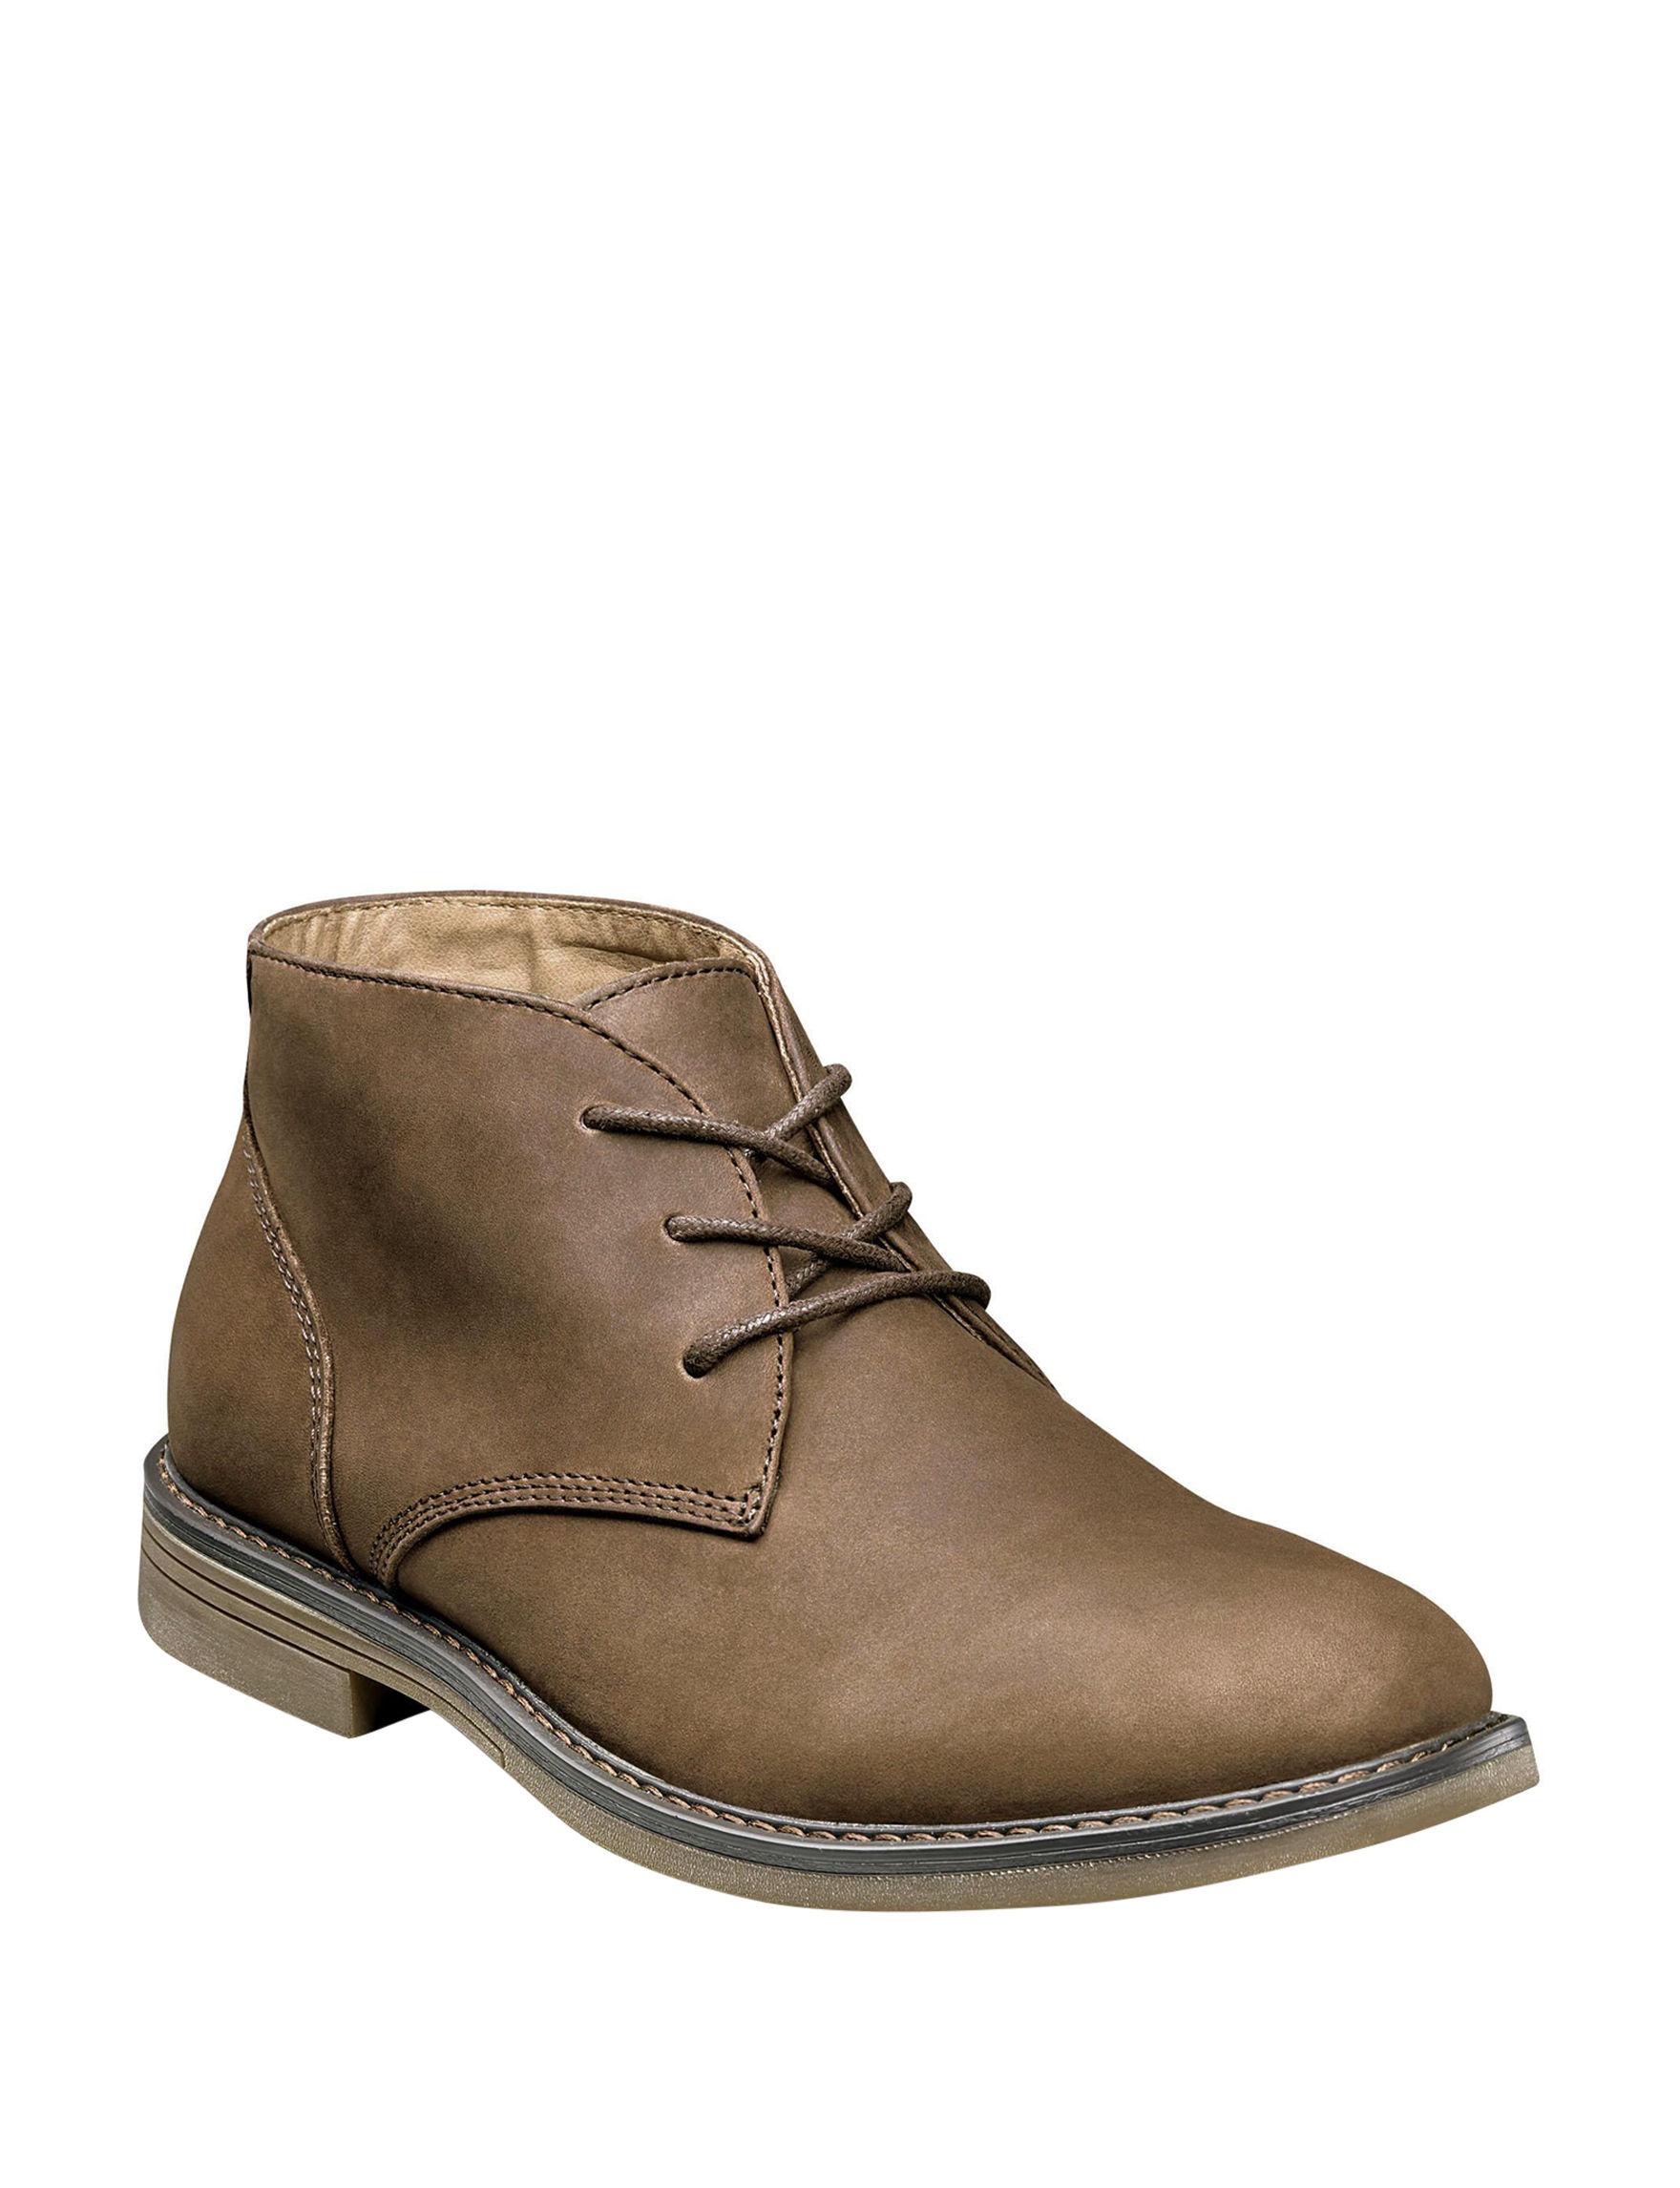 715c171e1b59e Nunn Bush Men s Leather Lancaster Chukka Boots